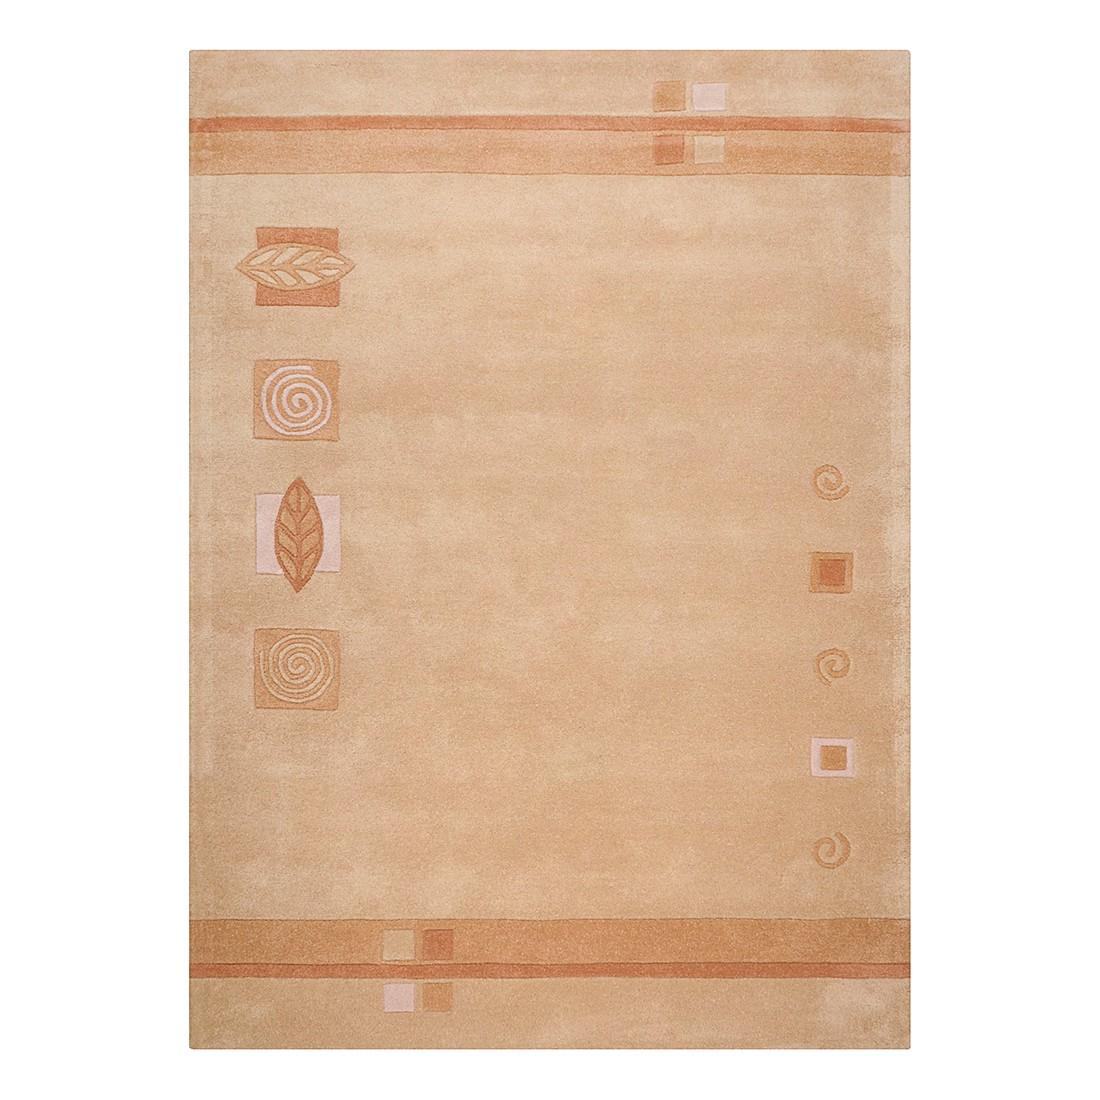 Teppich Florida – Wolle/Beige – 90 cm x 160 cm, THEKO die markenteppiche günstig bestellen